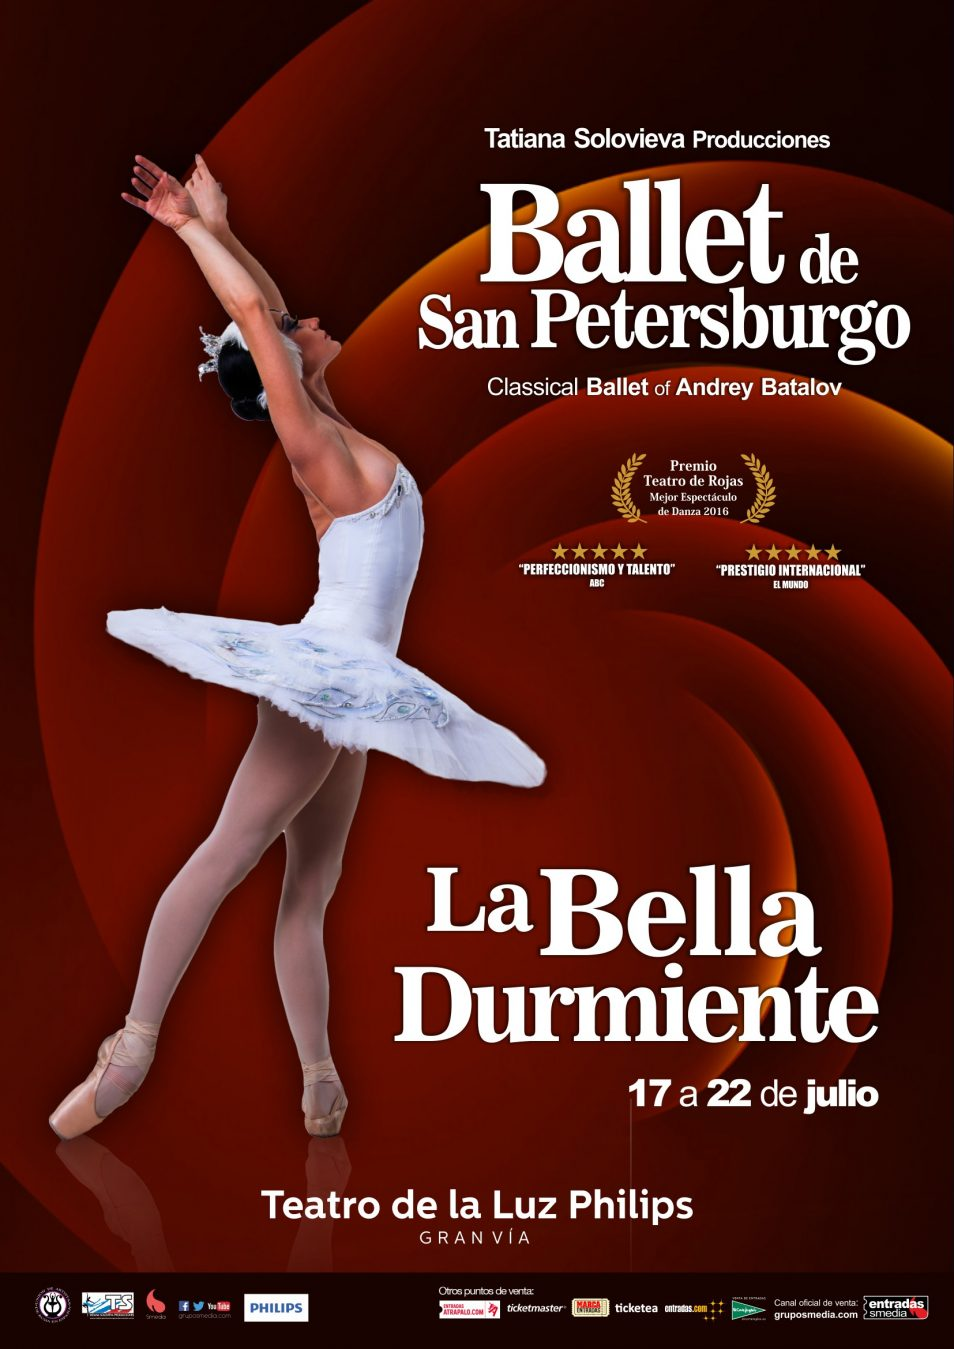 LA BELLA DURMIENTE (Ballet de San Petersburgo) en el Teatro de la Luz Philips